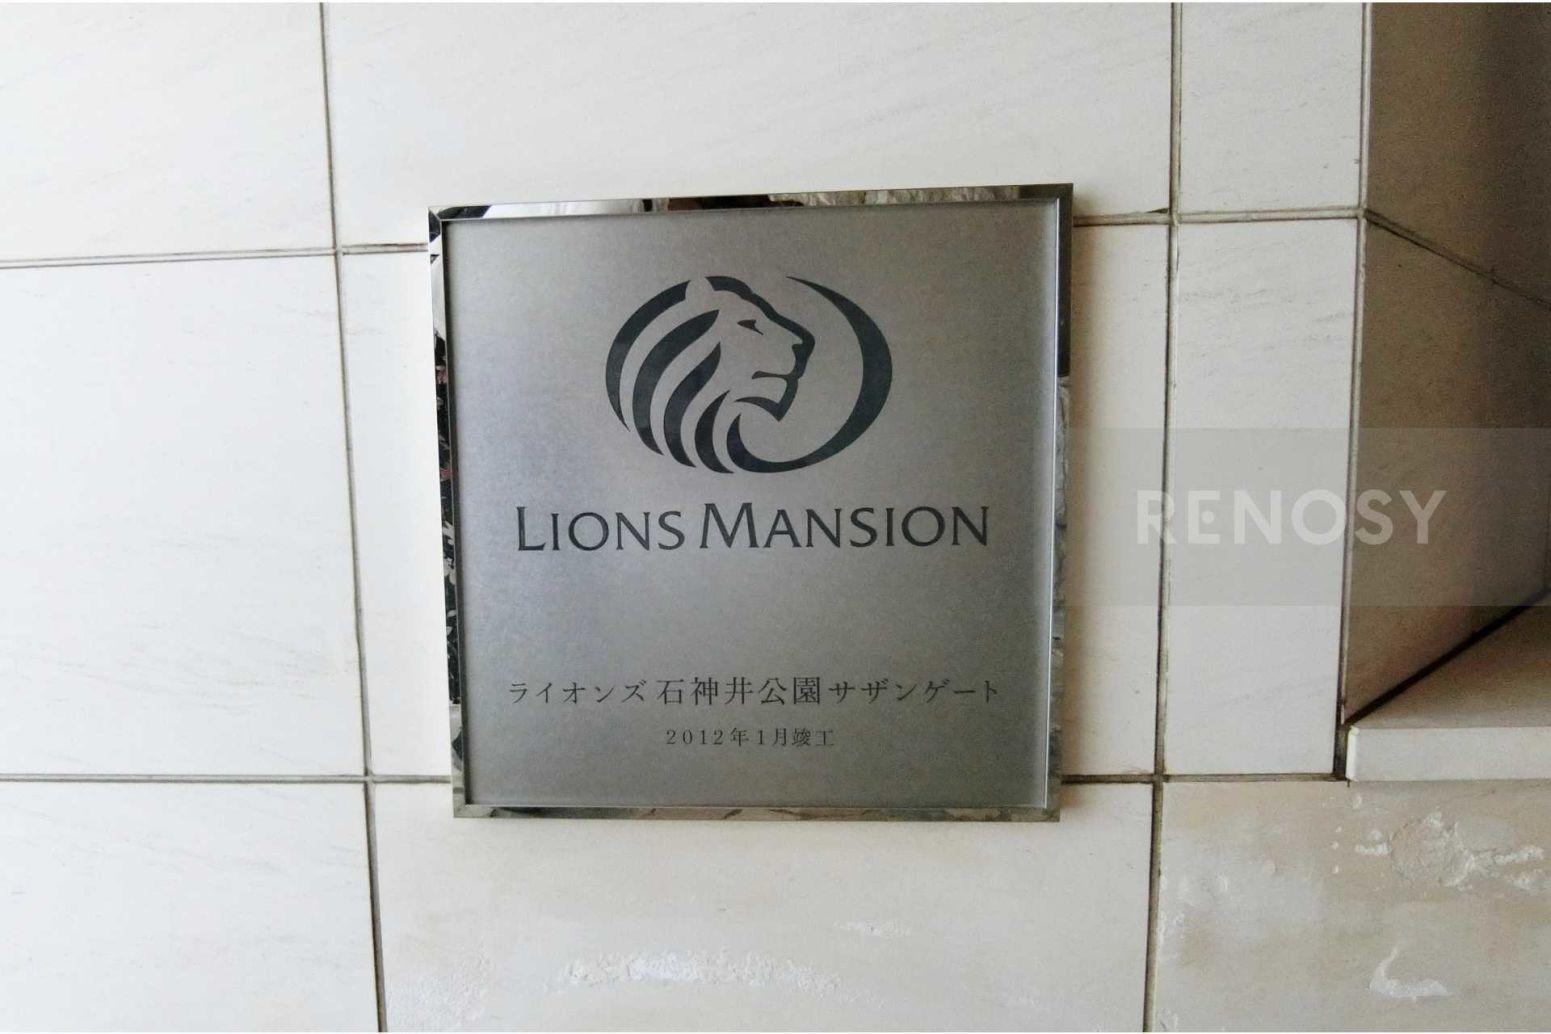 ライオンズ石神井公園サザンゲート